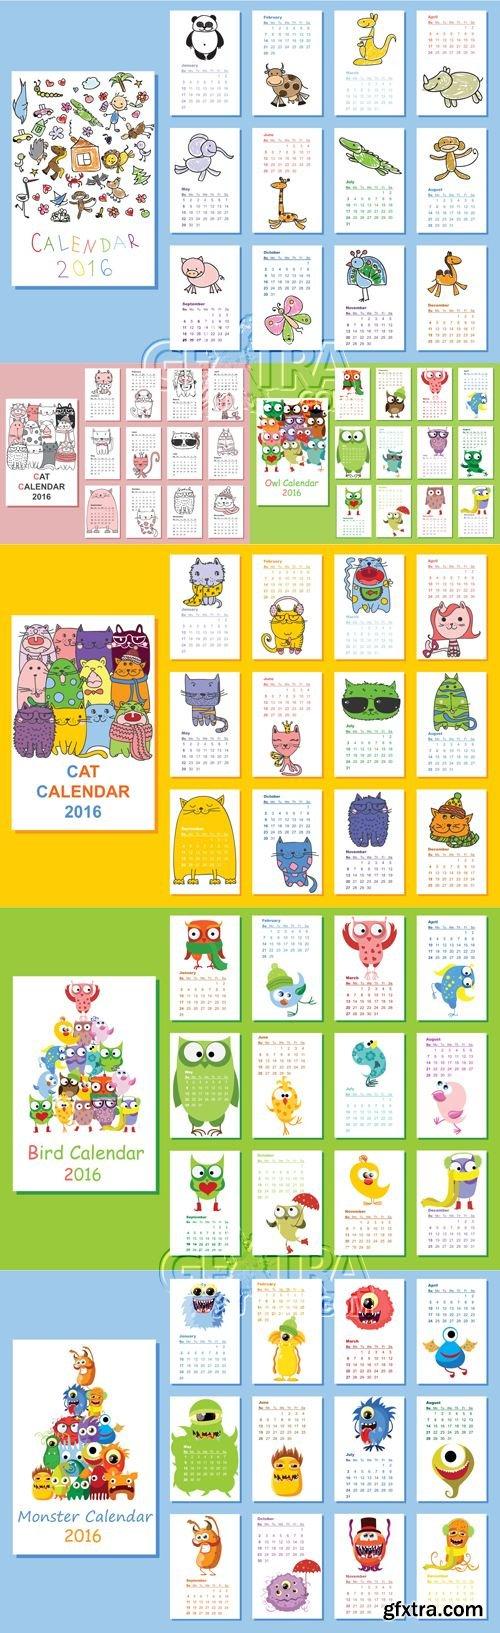 Cute Calendars 2016 Vector